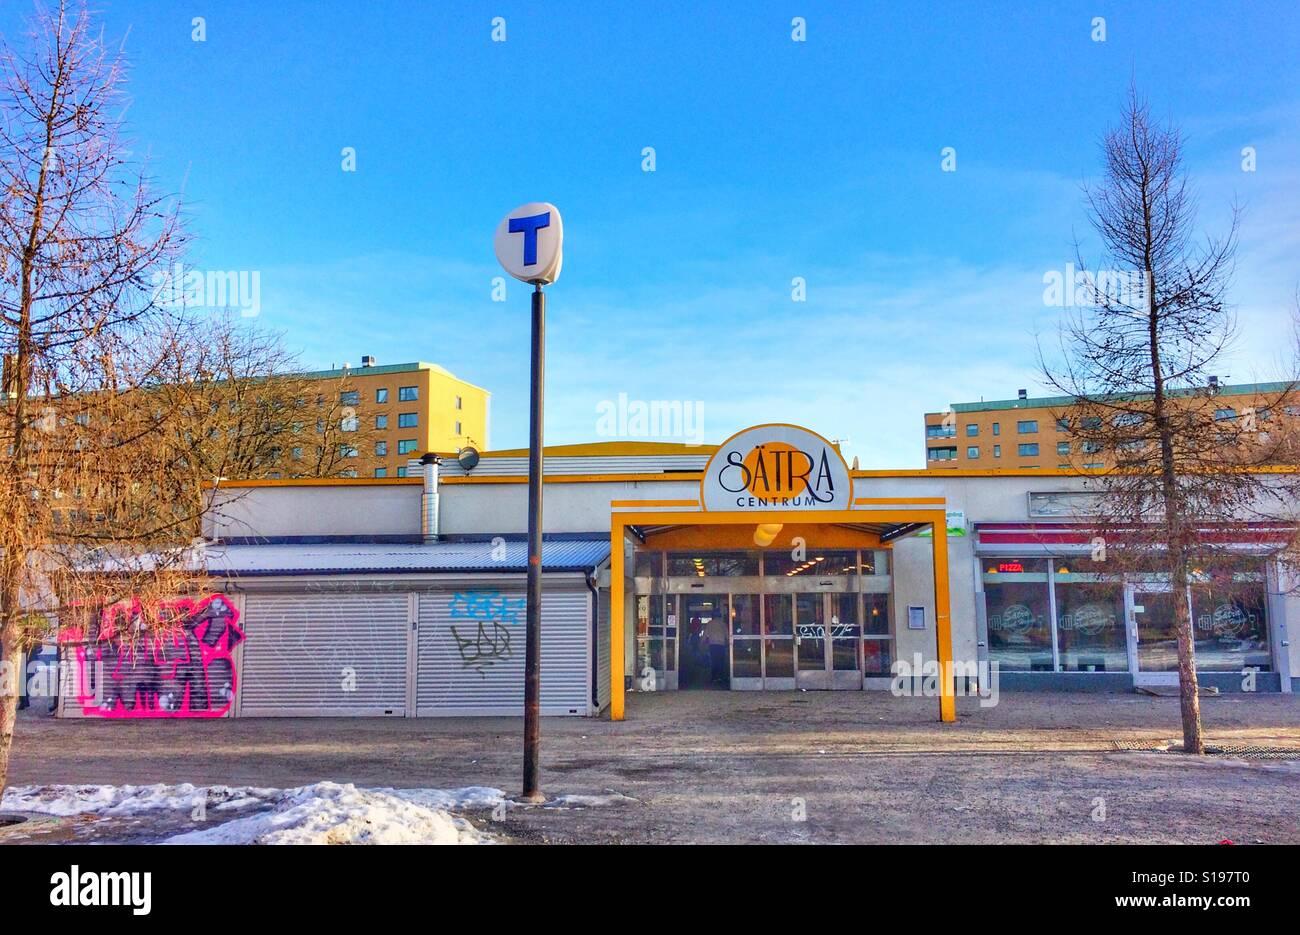 Sätra Centre Banque D'Images